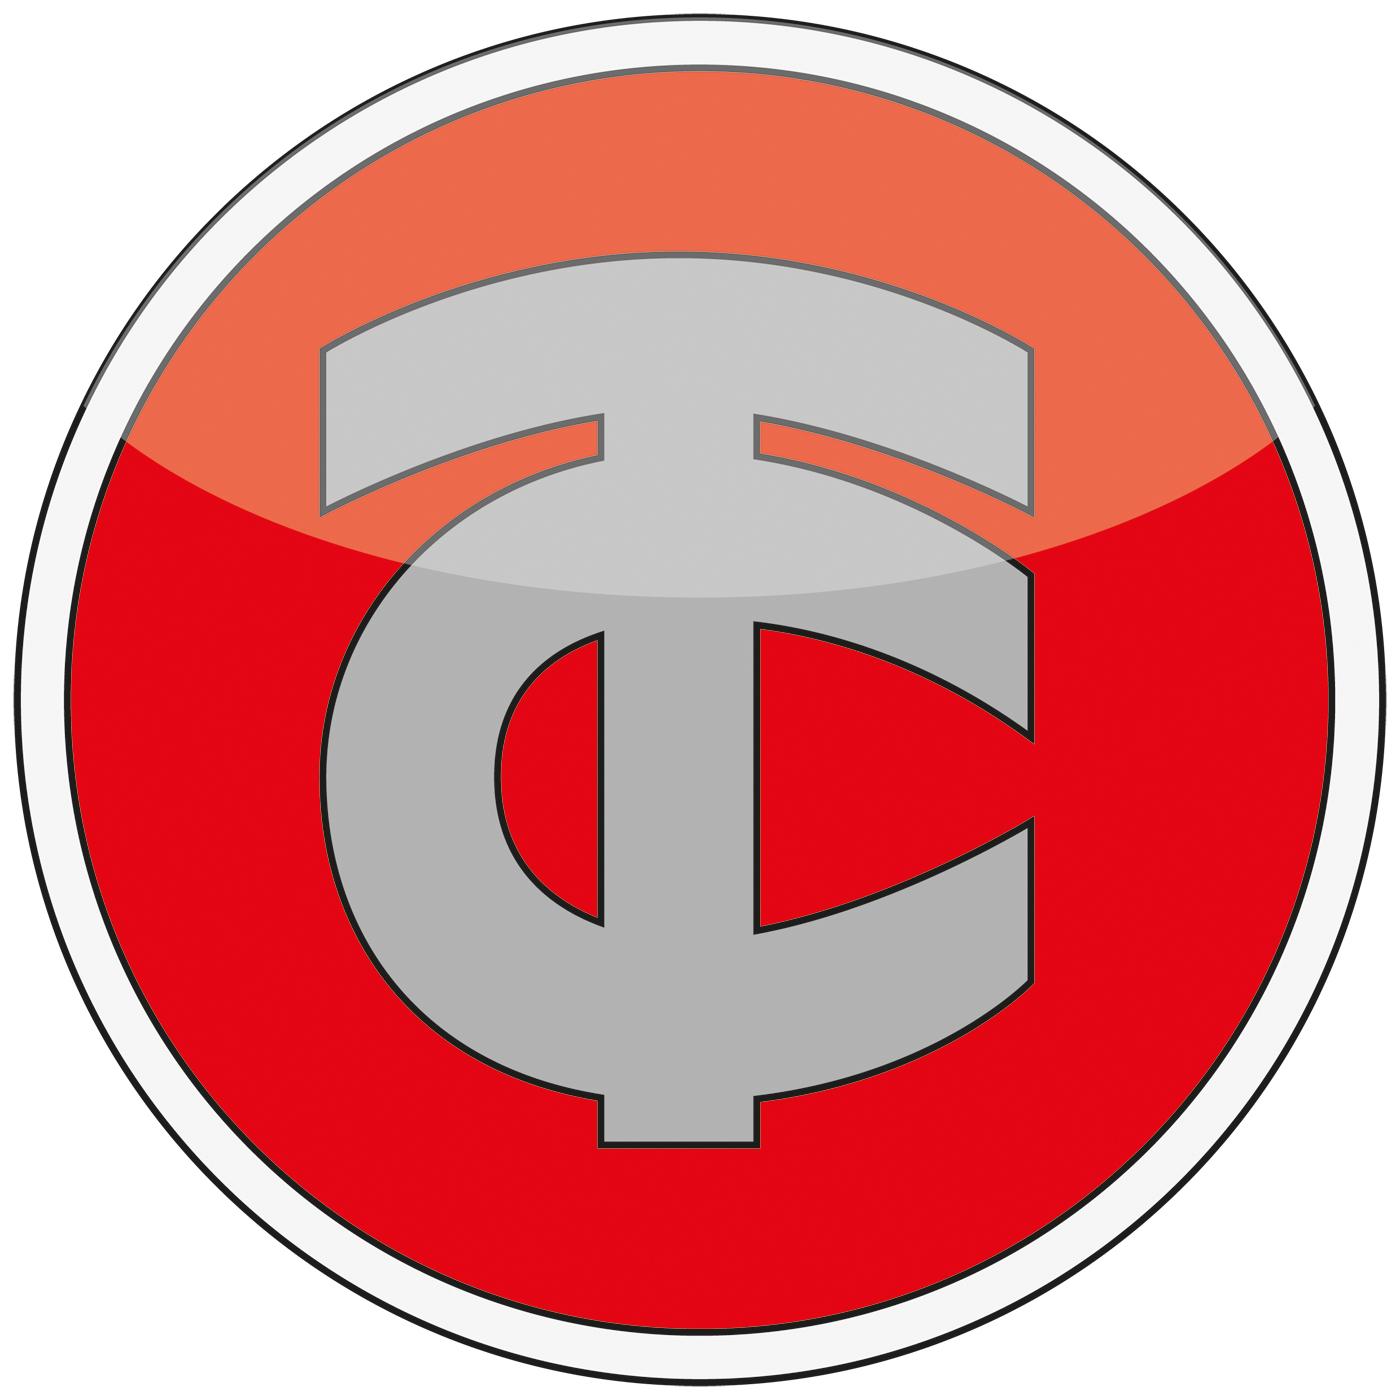 Compañía de Tranvías de La Coruña S.A.